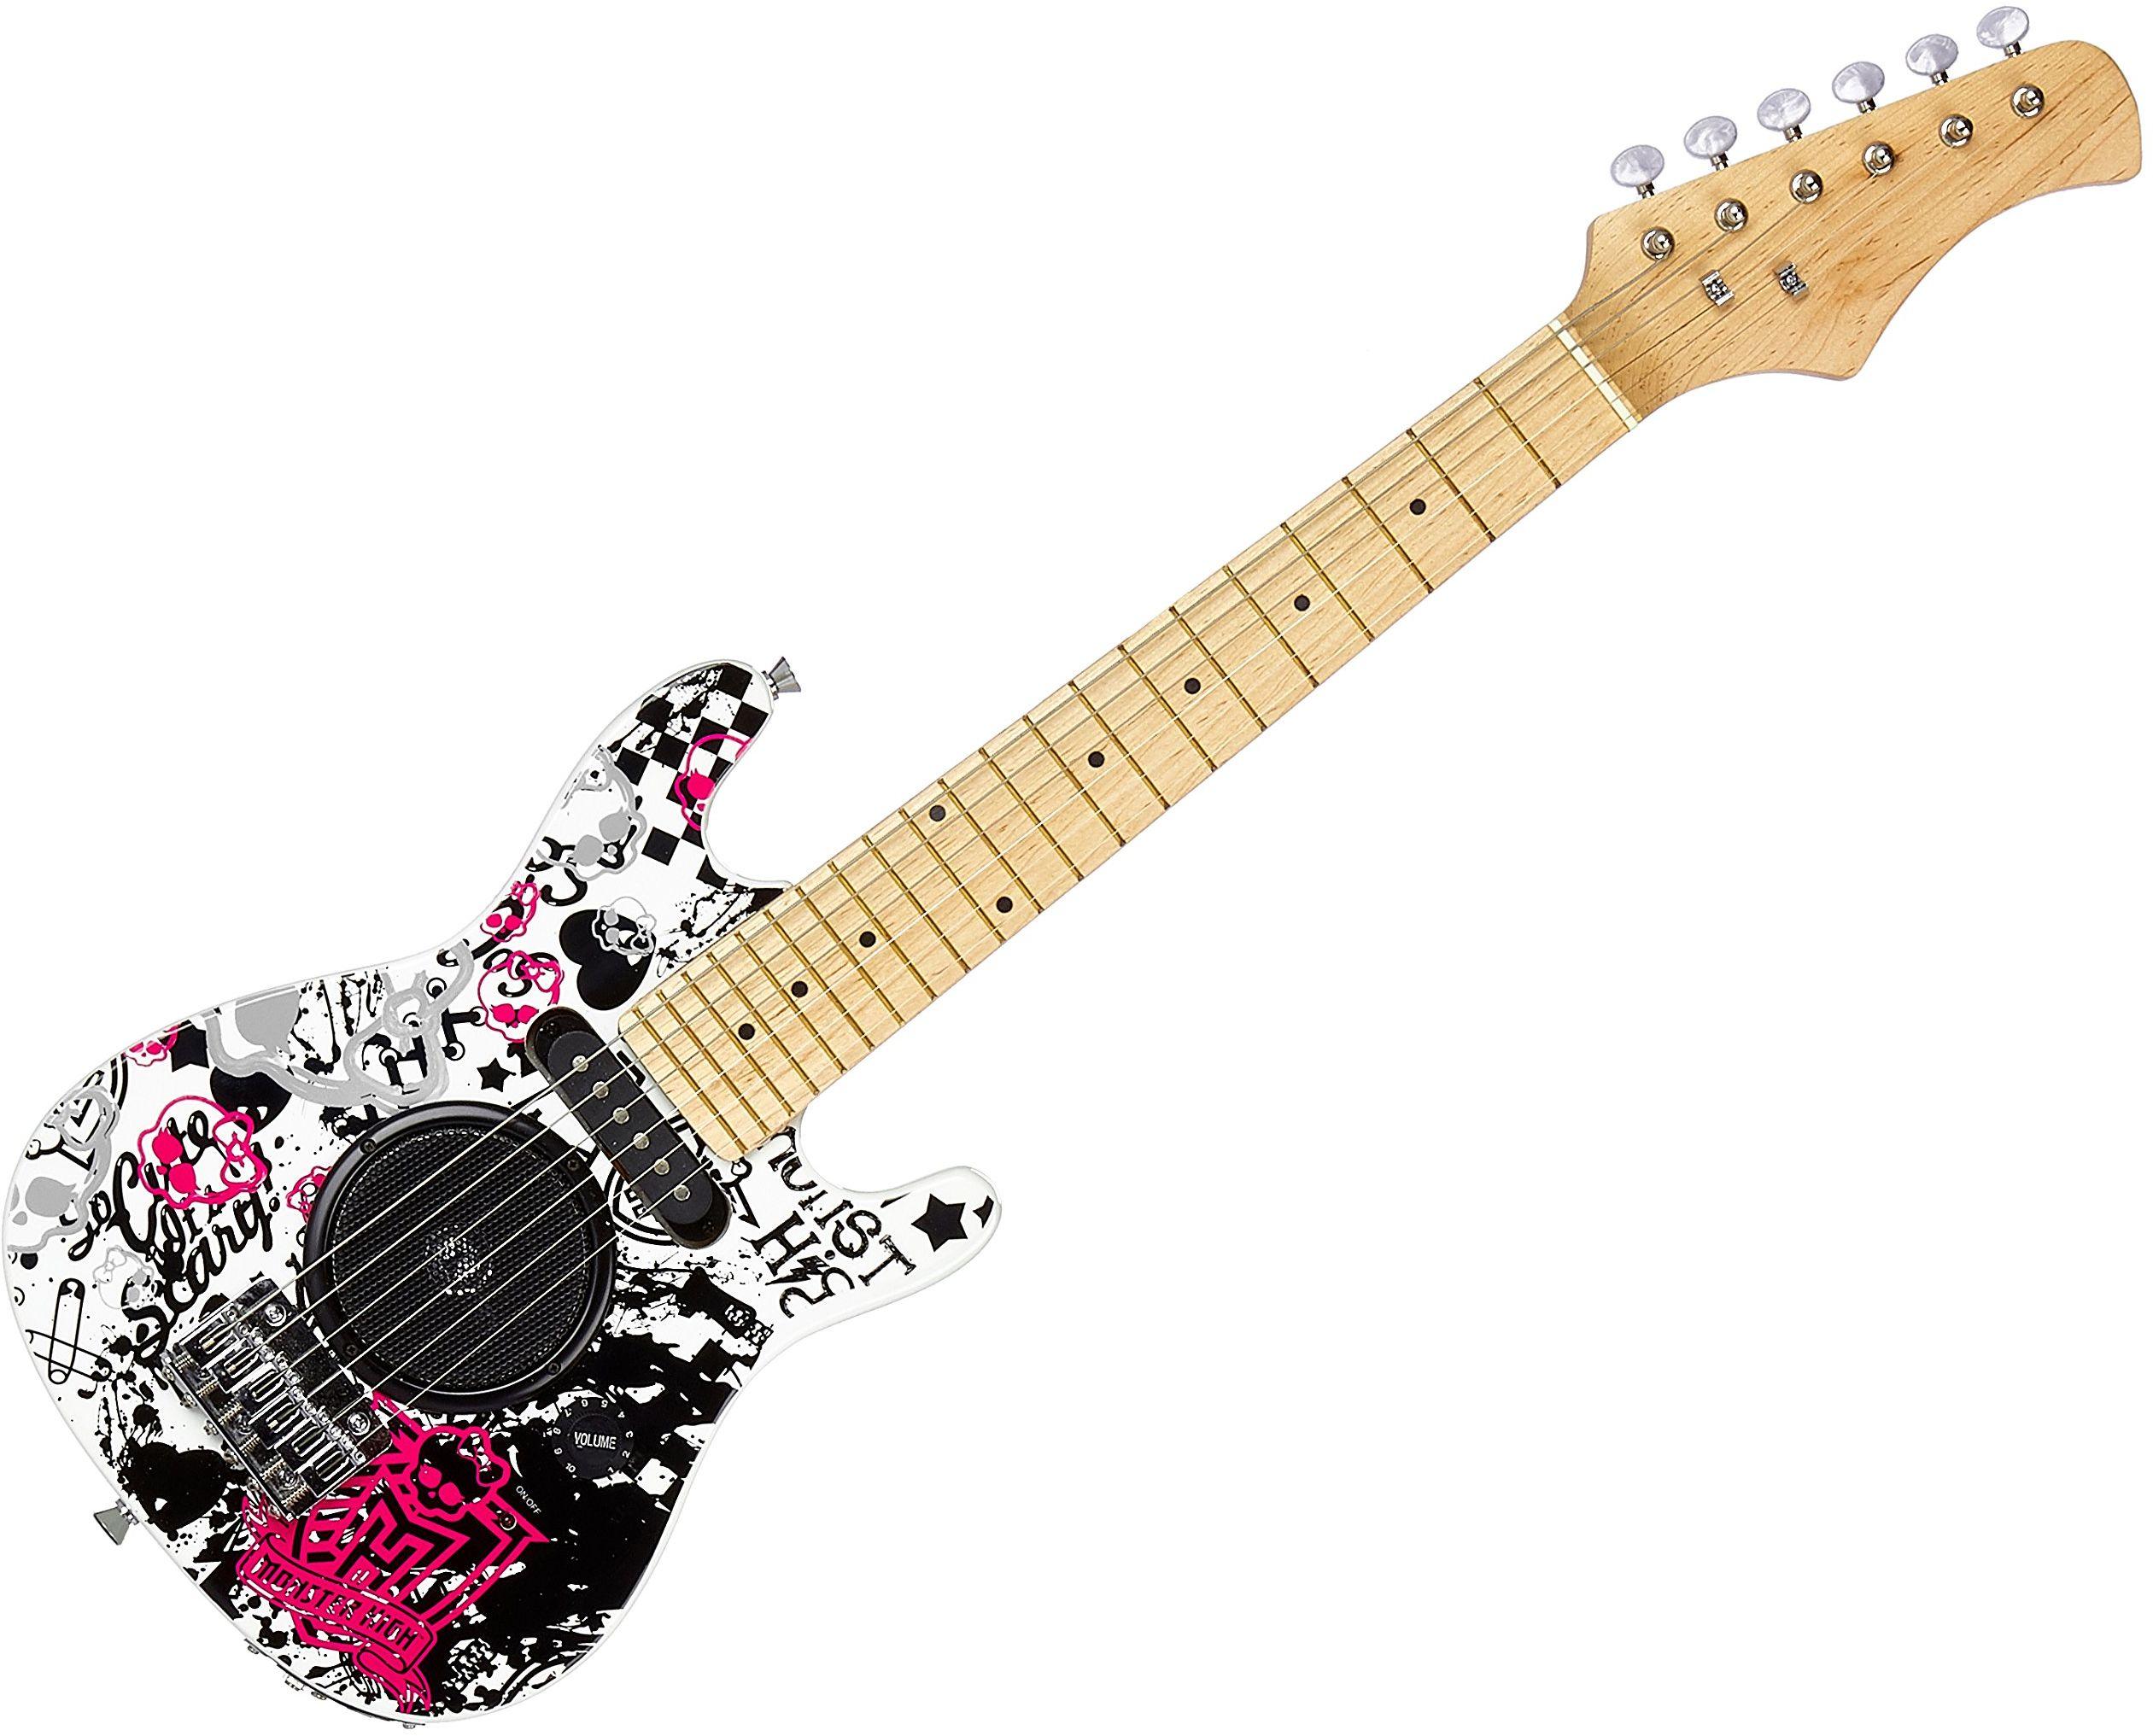 Lexibook K2500L gitara elektryczna ze zintegrowanym wzmacniaczem 6 W, wzór 100% girly, instrukcja obsługi w zestawie (może nie być dostępna w języku polskim), bateria, kolor czarny/biały